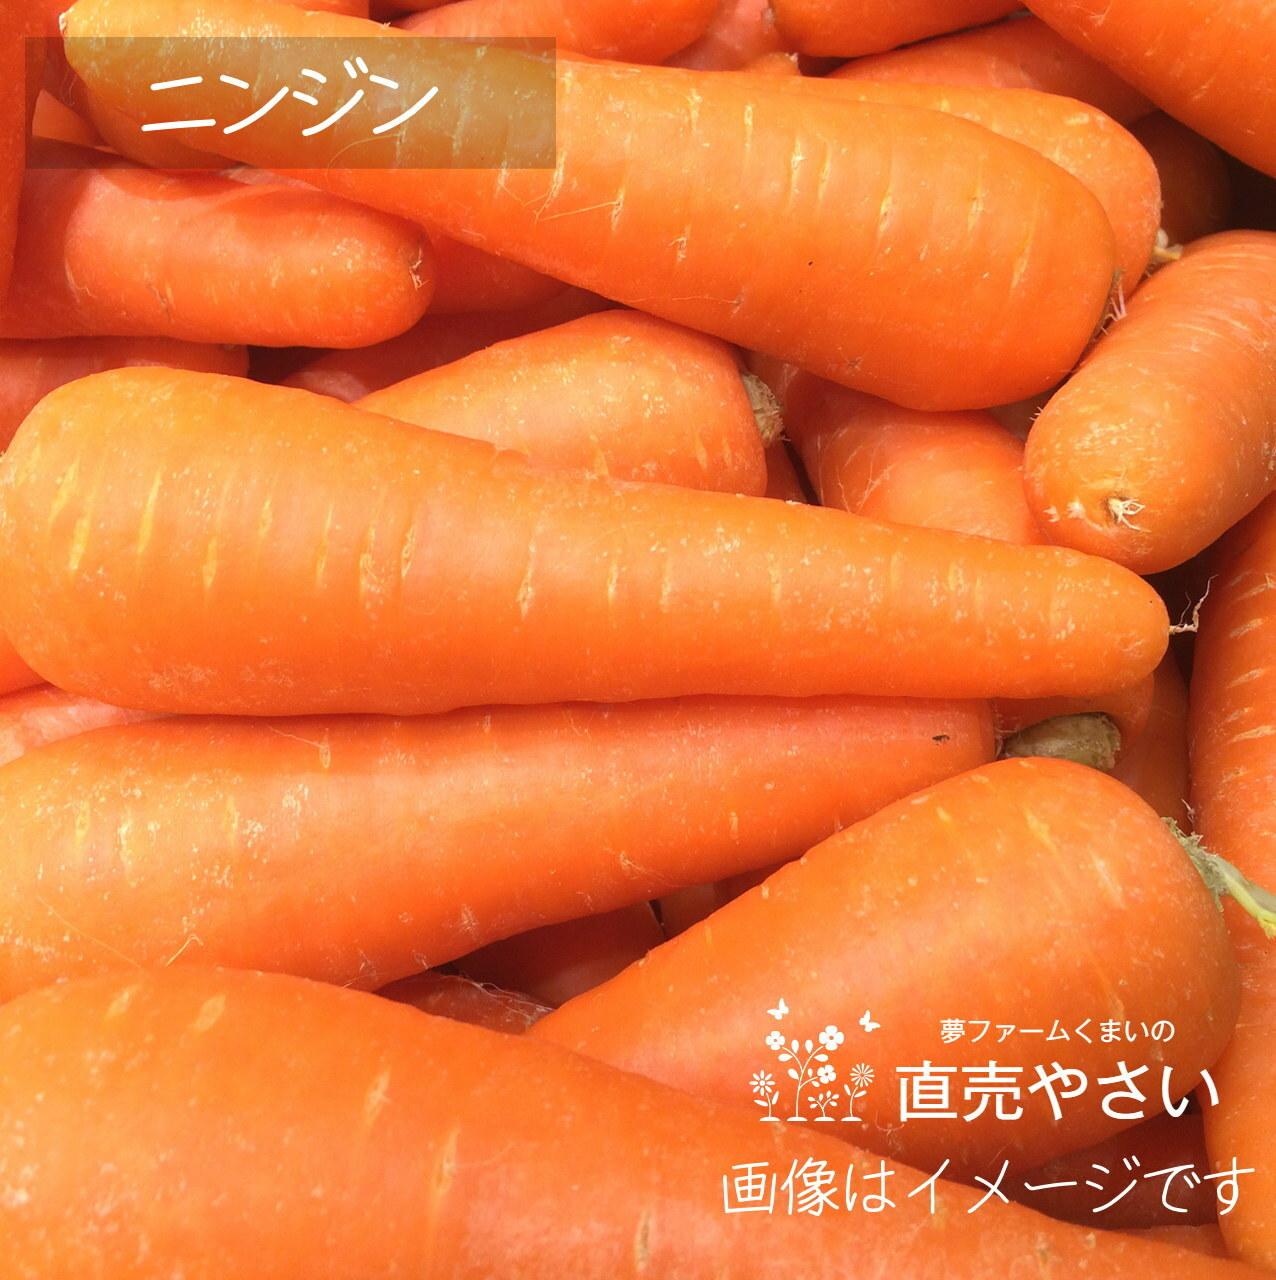 7月の朝採り直売野菜 : ニンジン 約400g 7月の新鮮な夏野菜 7月25日発送予定